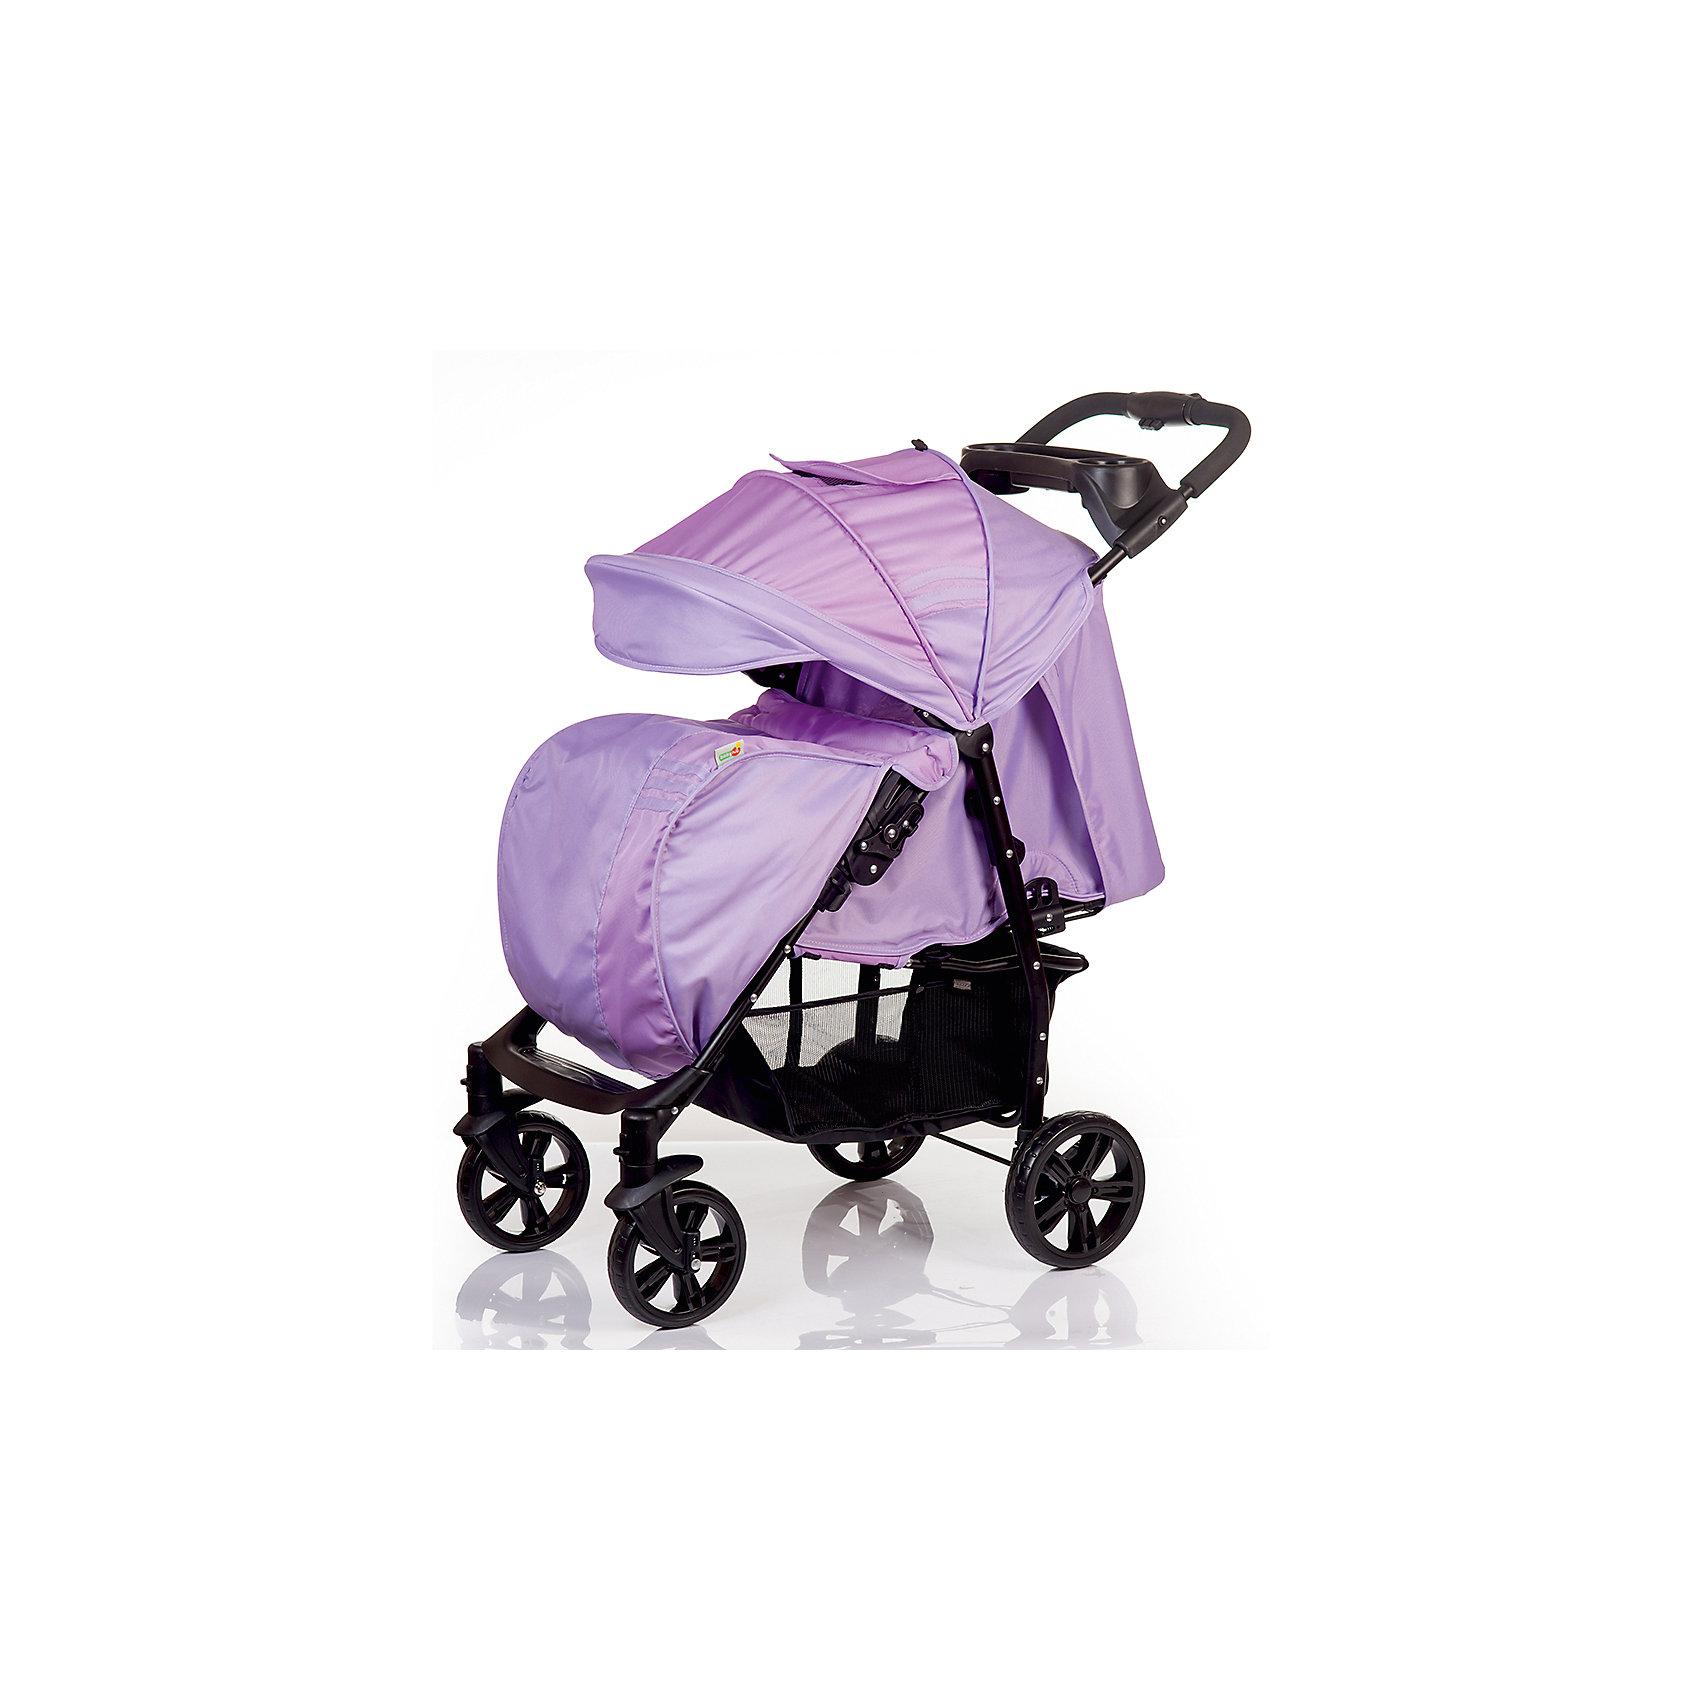 Прогулочная коляска BabyHit ADVENTURE, фиолетовыйПрогулочные коляски<br>Характеристики коляски<br><br>Прогулочный блок:<br><br>• наклон спинки регулируется, 3 положения;<br>• положение подножки регулируется;<br>• защитный бампер обтянут тканью, есть разделитель для ножек;<br>• капюшон-батискаф опускается до бампера, имеется смотровое окошко;<br>• длина спального места: 77 см;<br>• ширина сиденья: 34 см;<br>• высота спинки: 42 см<br><br>Рама коляски:<br><br>• на раме коляски между ручкой и капором расположен столик с углублением для подстаканника;<br>• внизу расположена корзина для покупок;<br>• передние колеса поворотные с блокировкой;<br>• рама складывается вместе с прогулочным блоком;<br>• механизм складывания: книжка;<br>• диаметр колес: 18 см и 20 см;<br>• материал колес: пластик;<br>• материал рамы: алюминий.<br><br>Вес коляски: 8,8 кг<br>Размер упаковки: 86х43х23 см<br>Вес в упаковке: 9,88 кг<br><br>Дополнительная комплектация:<br><br>• чехол на ножки;<br>• дождевик;<br>• москитная сетка;<br>• инструкция. <br><br>Прогулочную коляску ADVENTURE, Babyhit, цвет фиолетовый можно купить в нашем интернет-магазине.<br><br>Ширина мм: 430<br>Глубина мм: 230<br>Высота мм: 860<br>Вес г: 9880<br>Возраст от месяцев: 7<br>Возраст до месяцев: 36<br>Пол: Унисекс<br>Возраст: Детский<br>SKU: 5500280